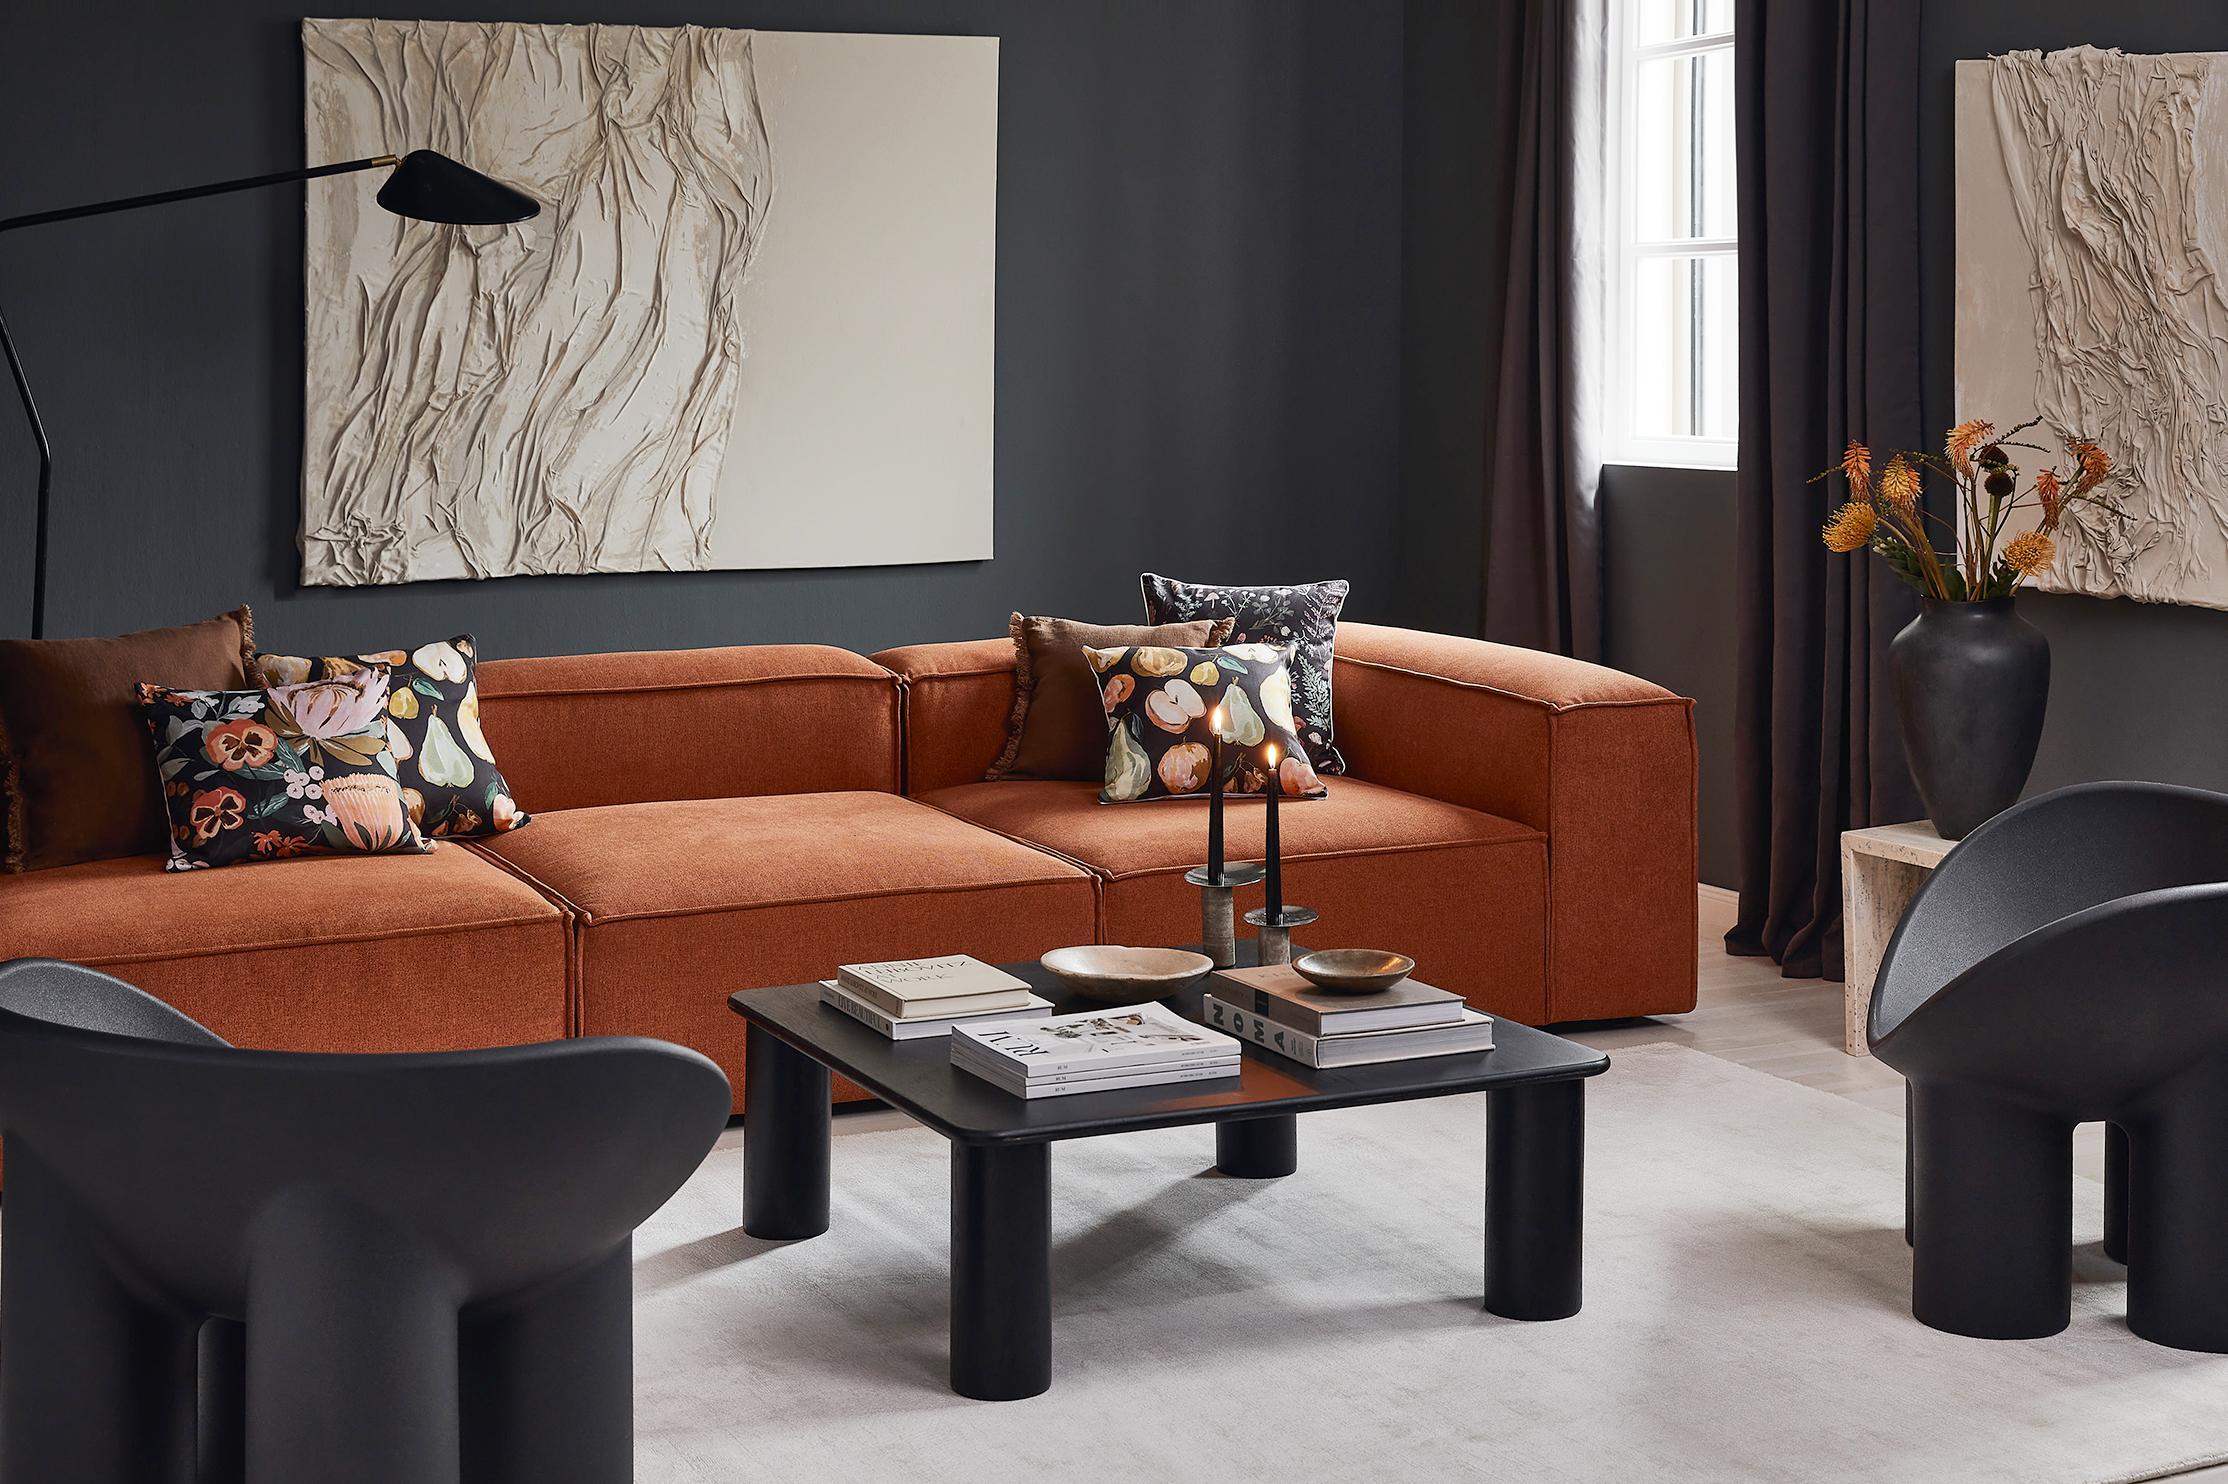 Sofa in Akzentfarbe